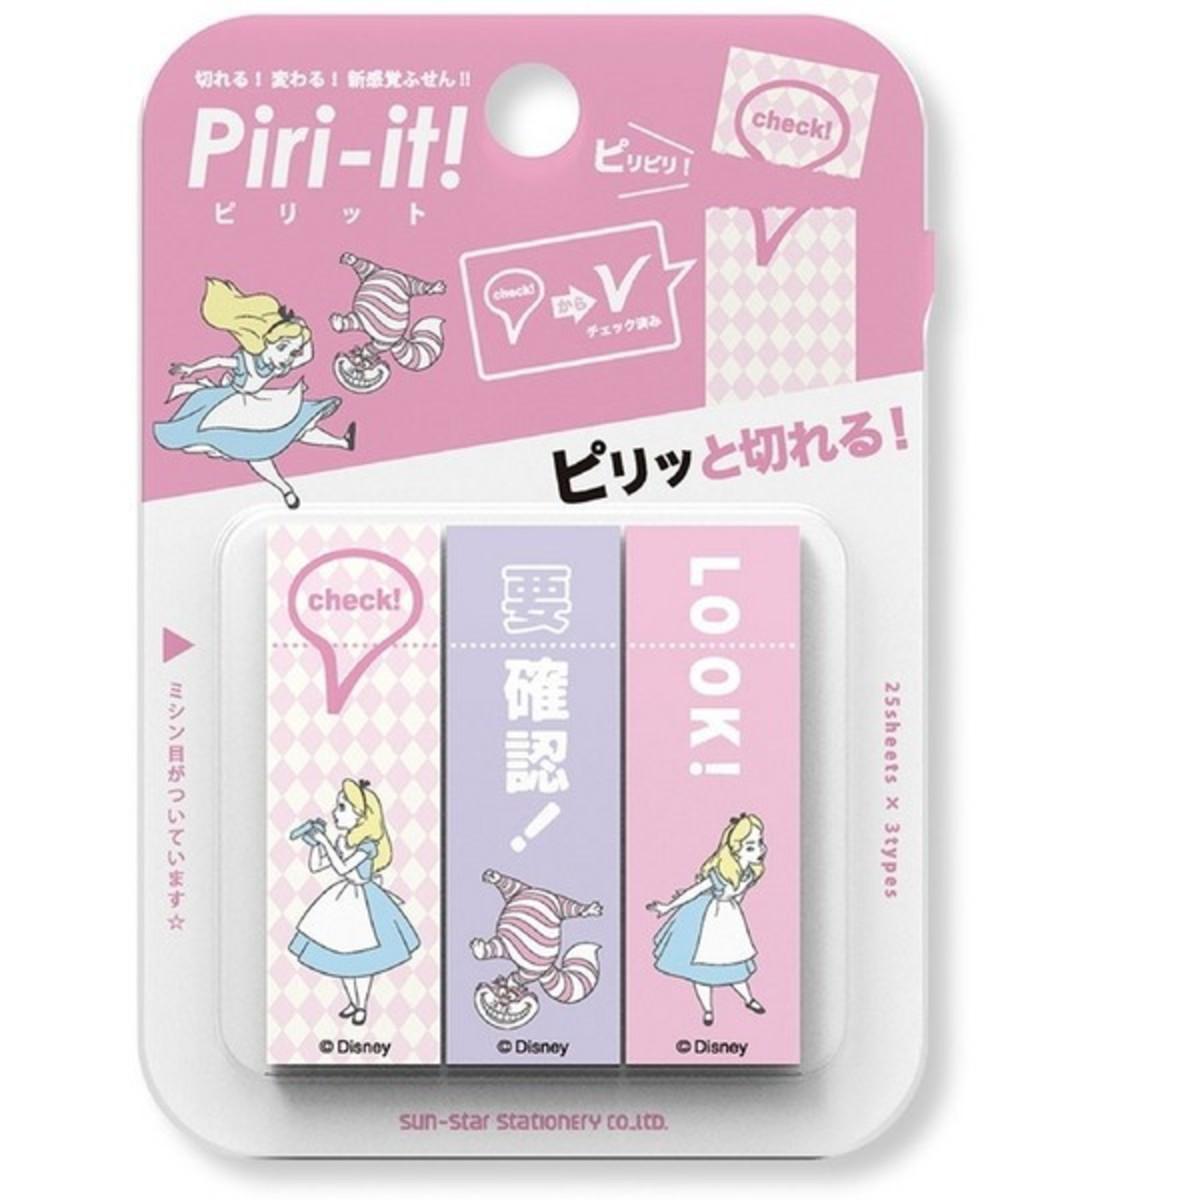 Disney Piri-it! Sticky Memo (Alice) Made in Japan S2814366